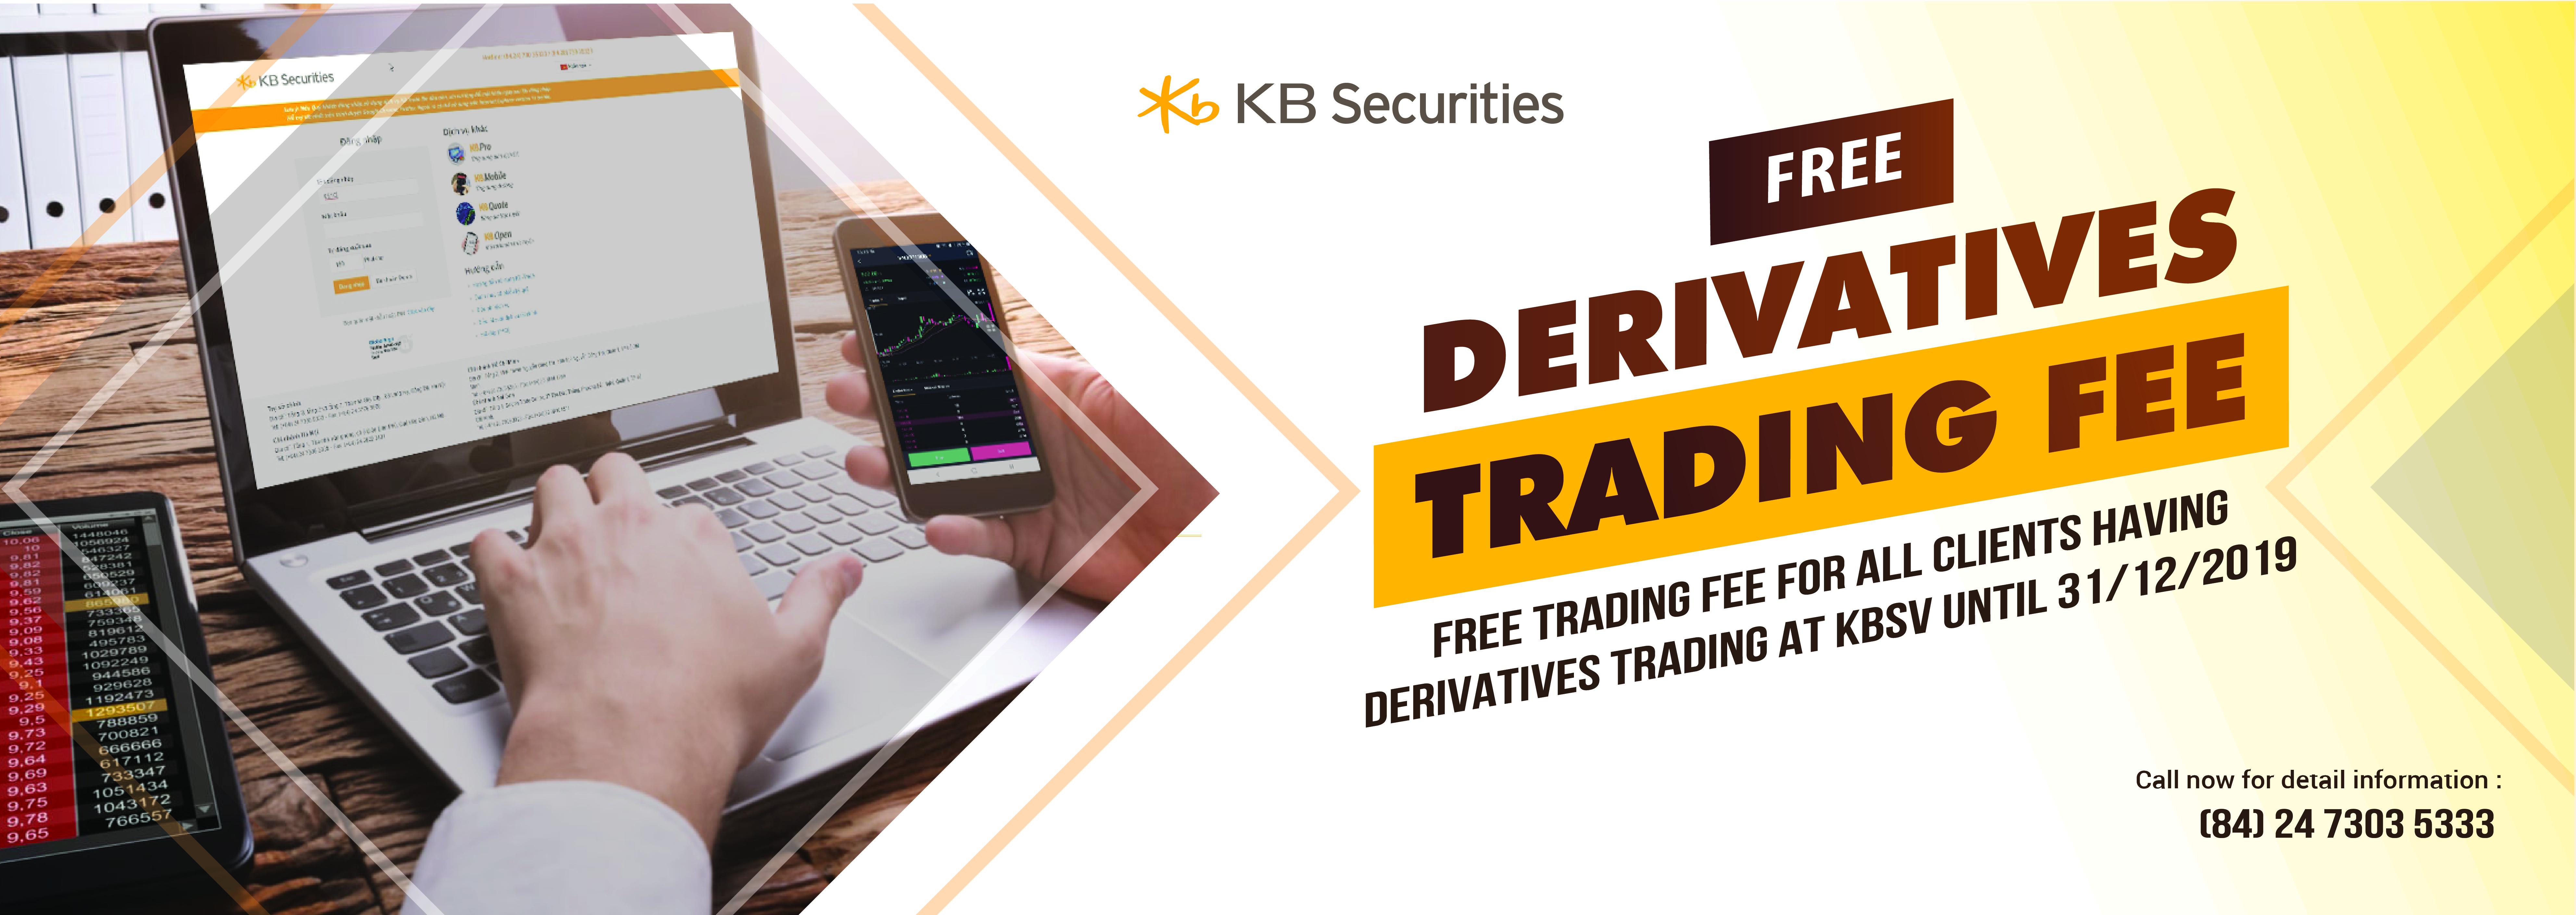 KBSV derivative